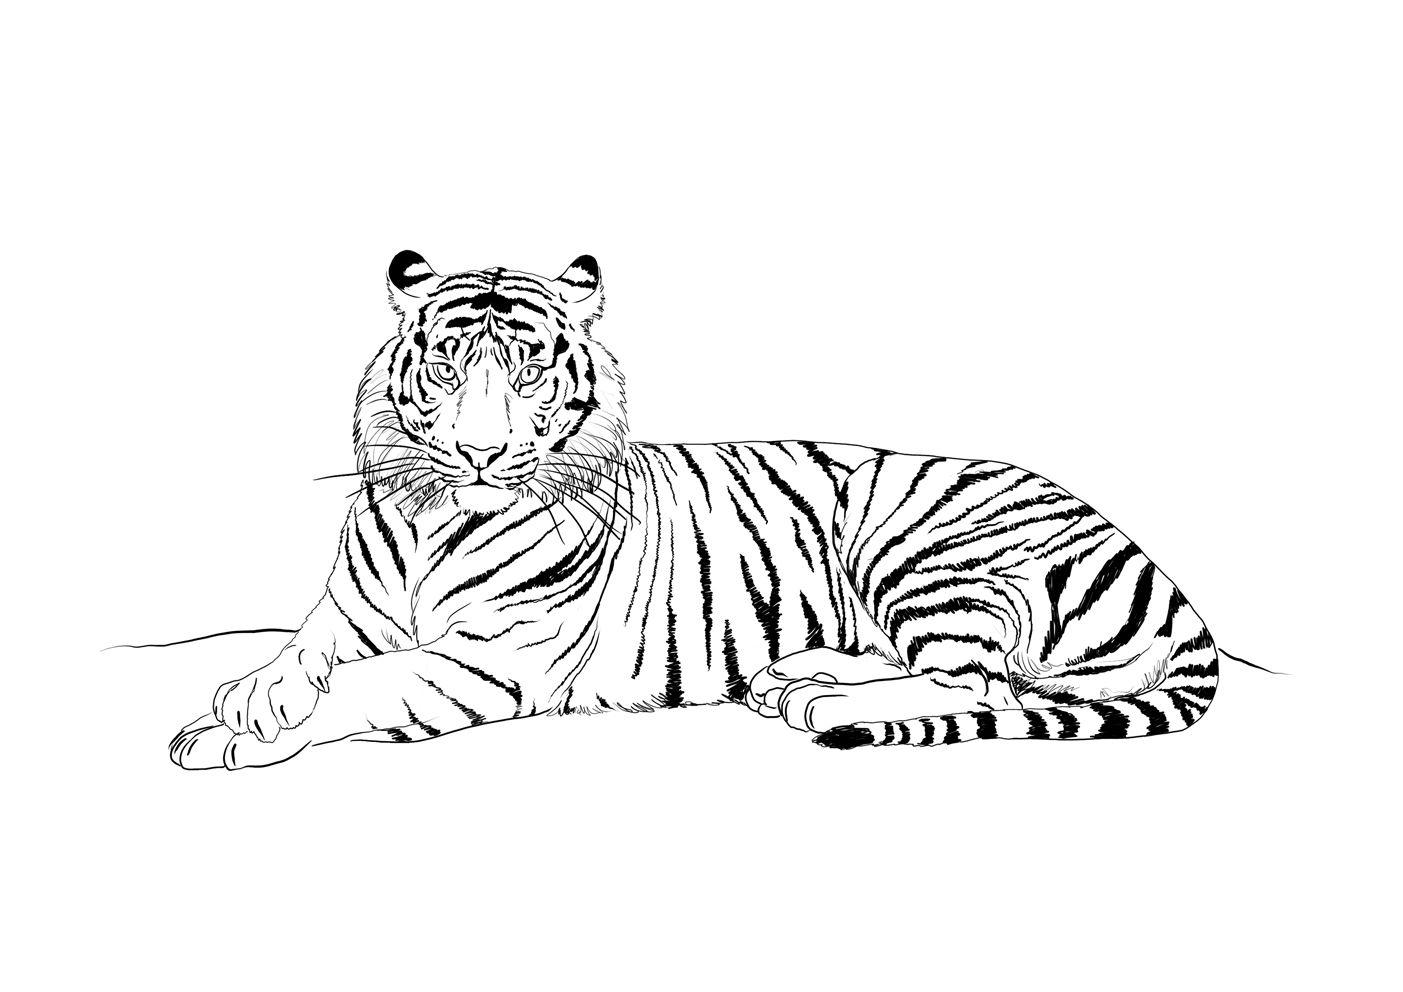 подписана можно черно белые картинки лежащих животных присутствия